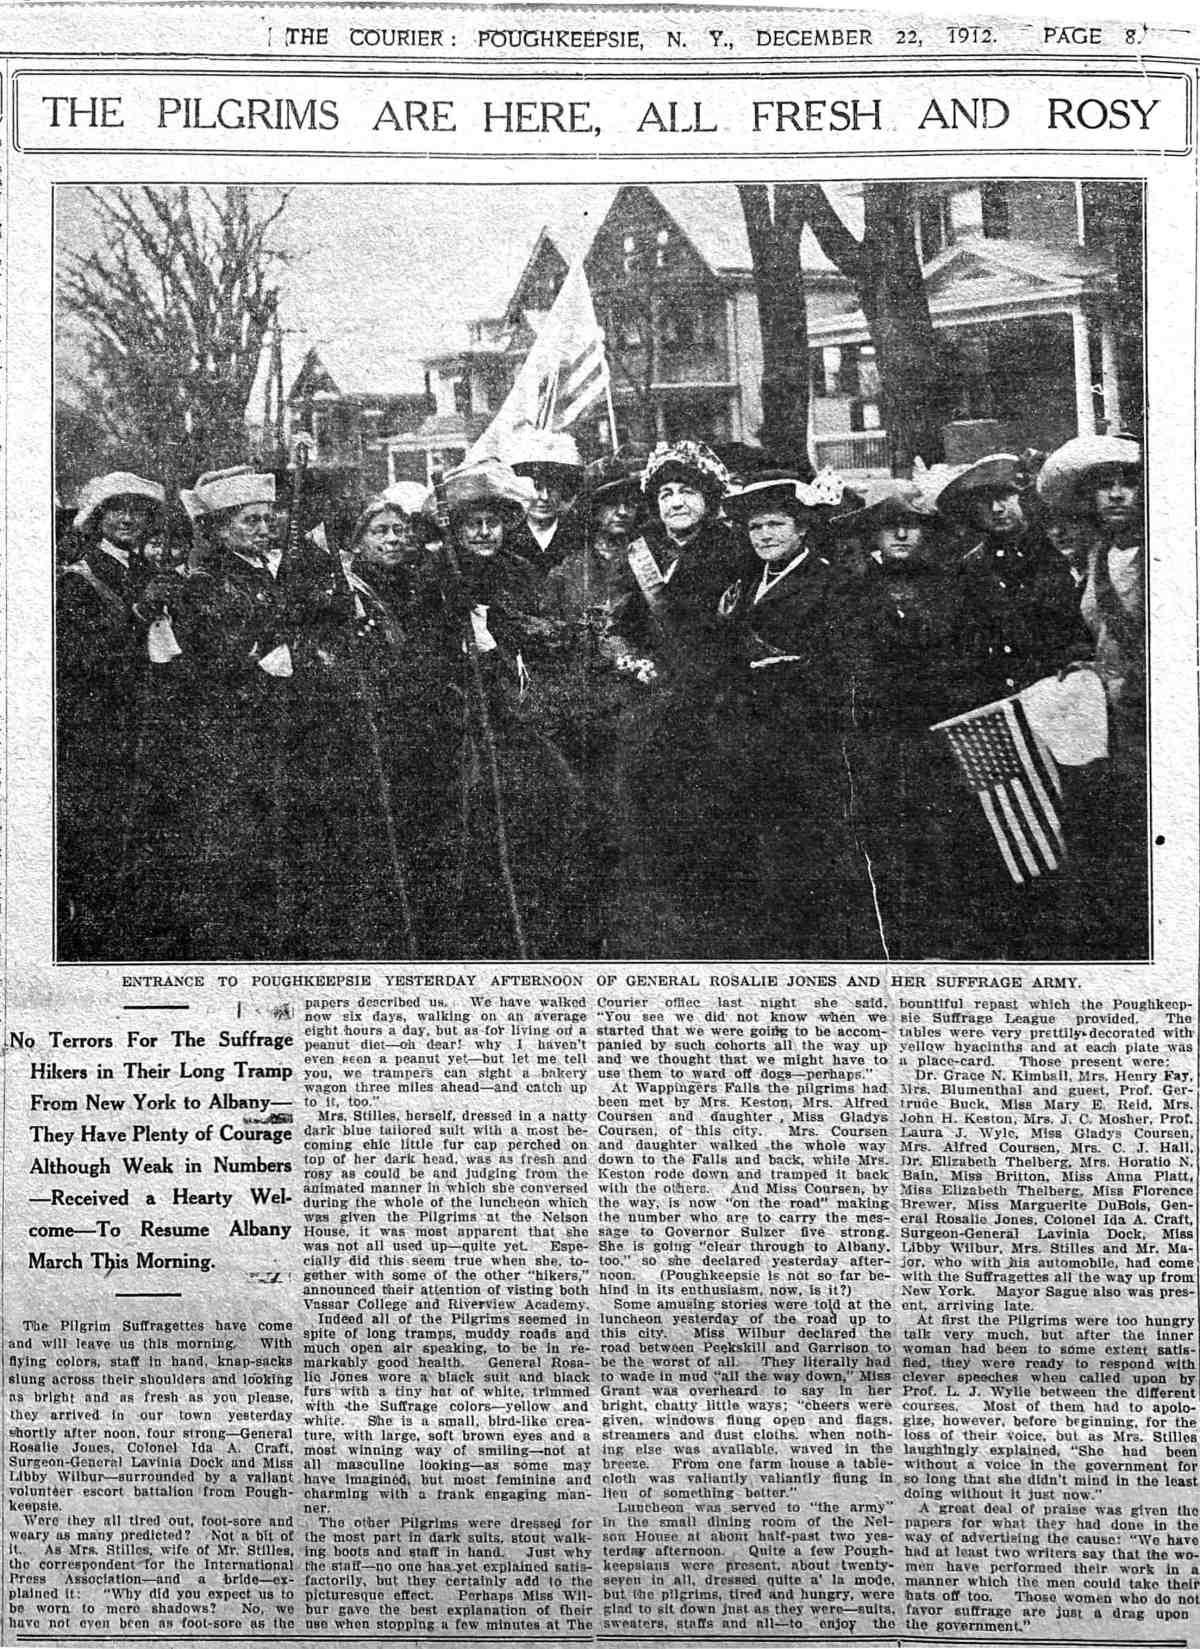 Poughkeepsie Pilgrims 1912